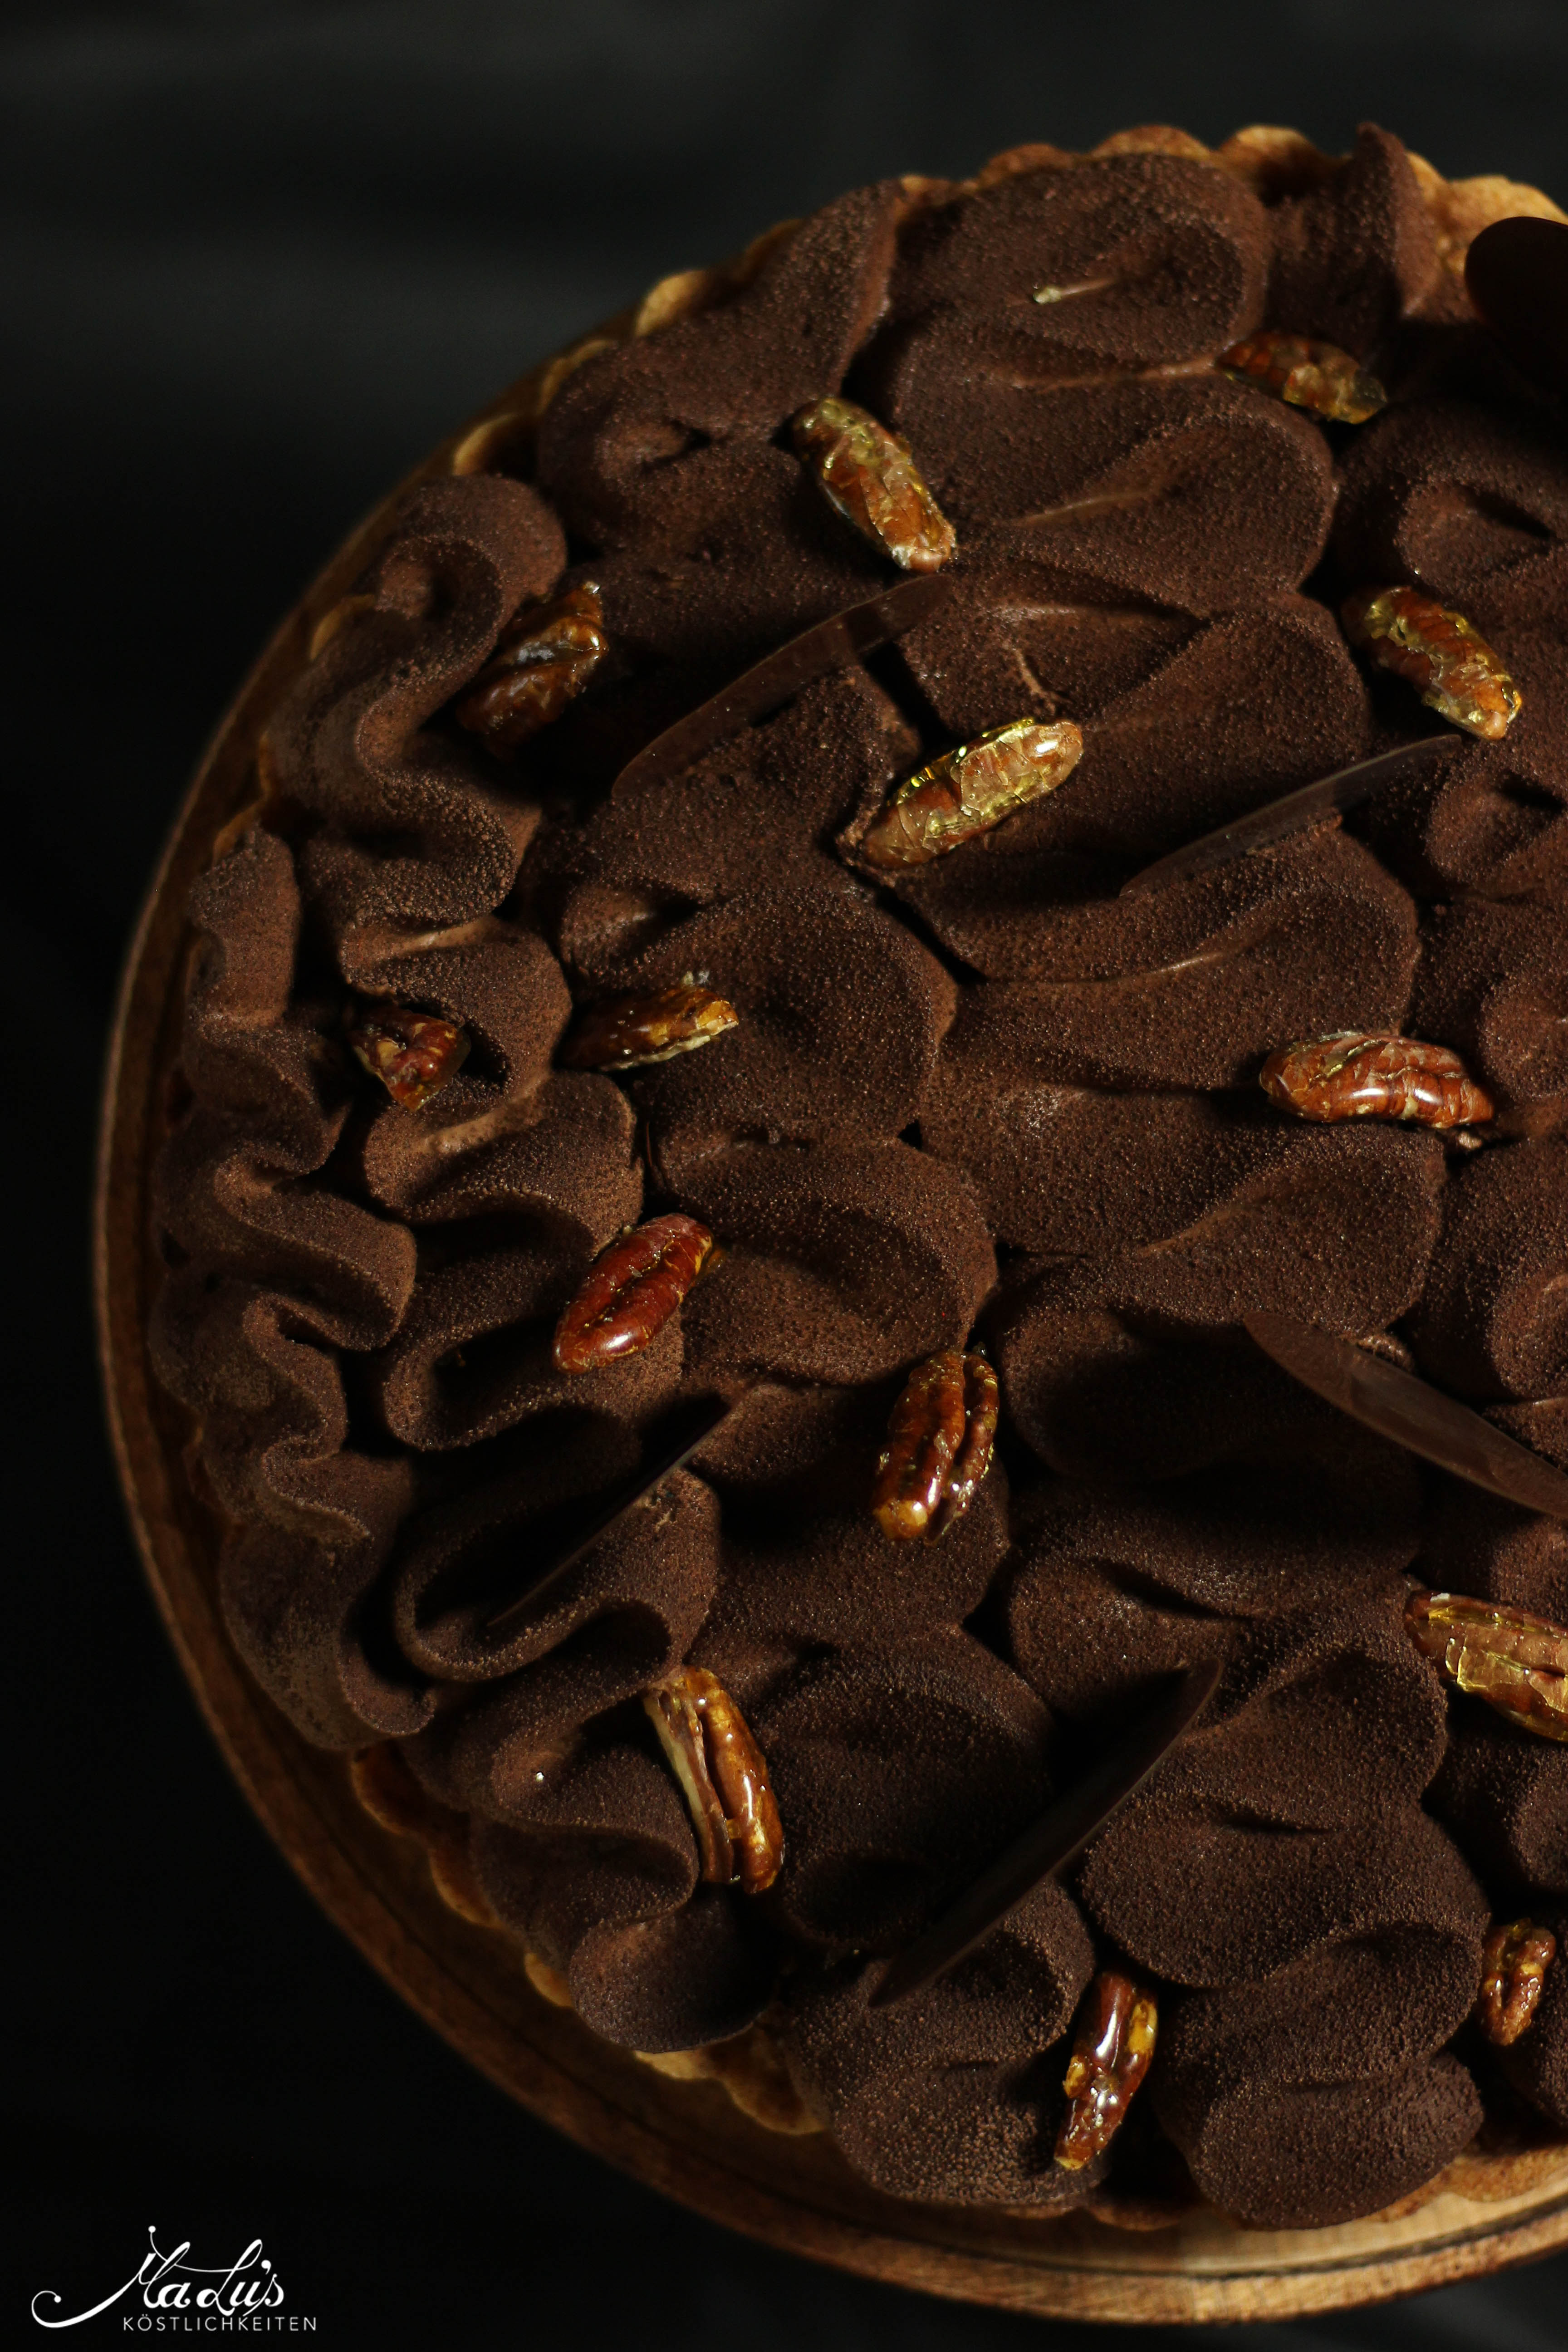 Schokoladen-Vanilletarte mit karamellisierten Pecannüssen